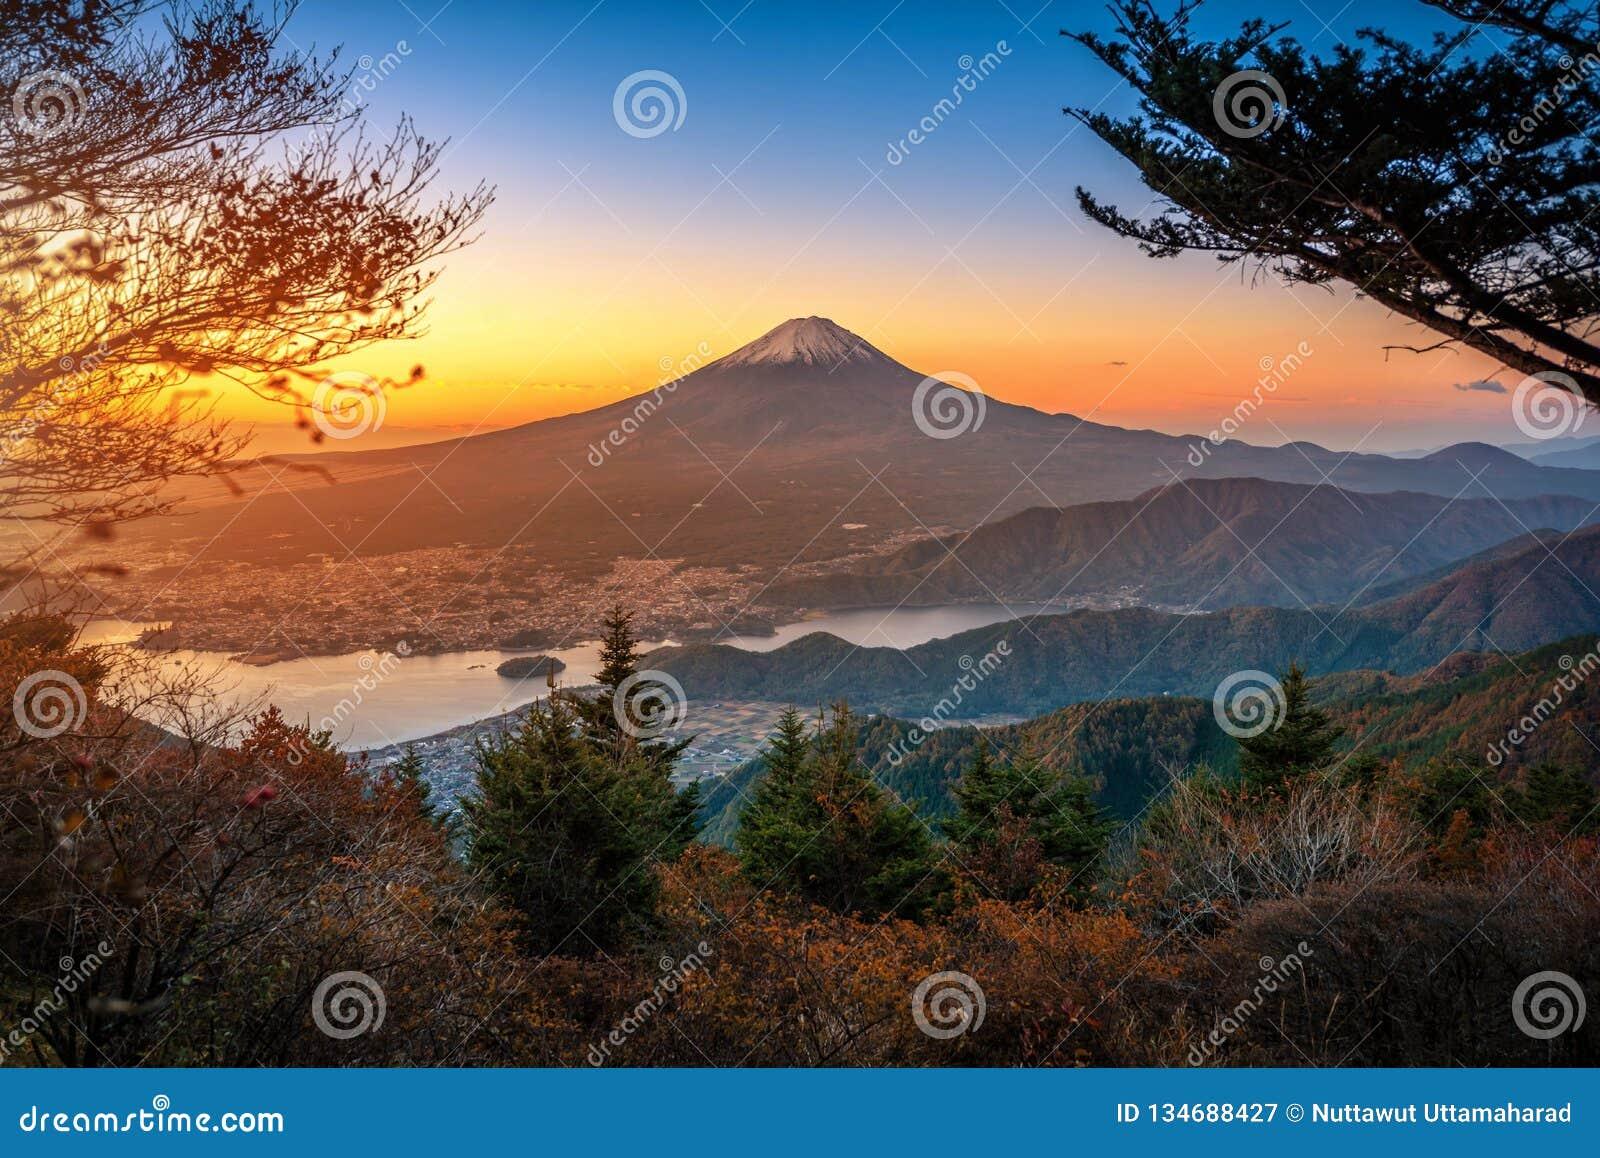 Mt Fuji sobre o lago Kawaguchiko com folha do outono no nascer do sol em Fujikawaguchiko, Japão